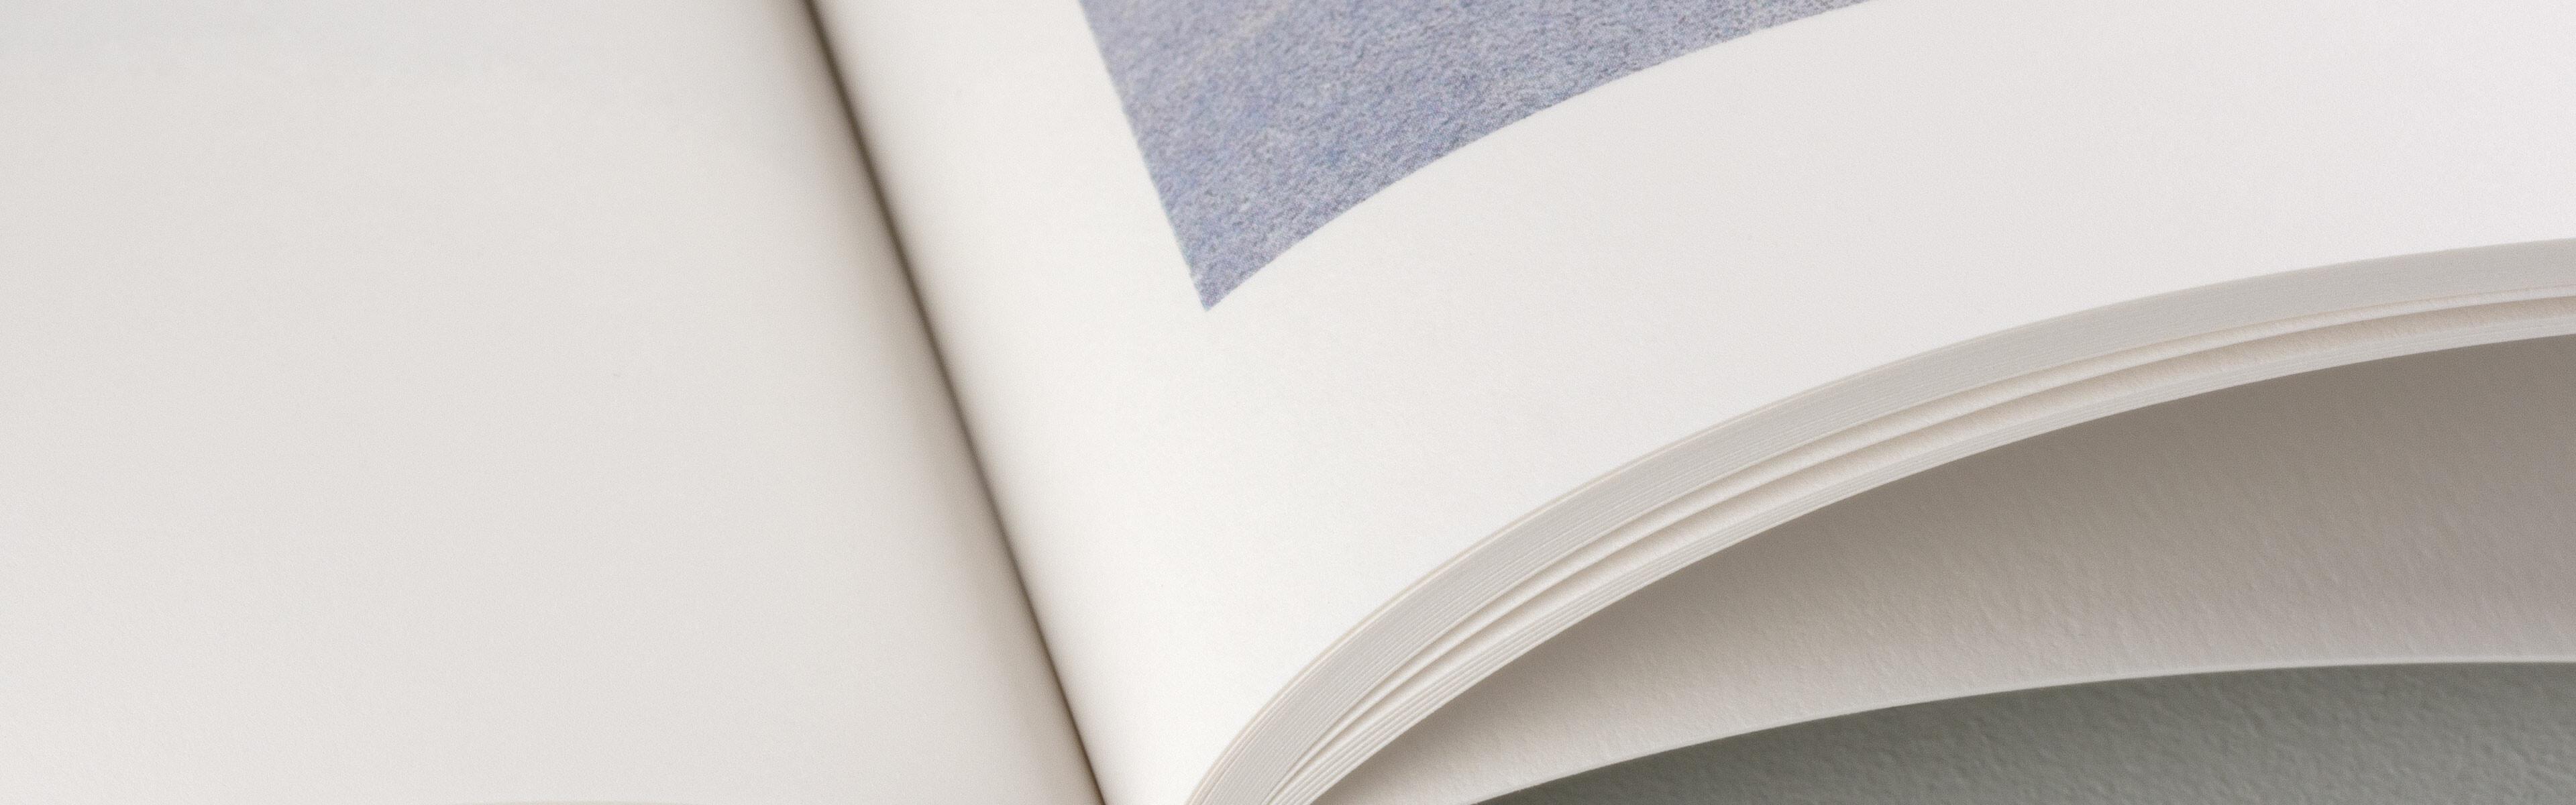 Livre photo couverture souple papiers